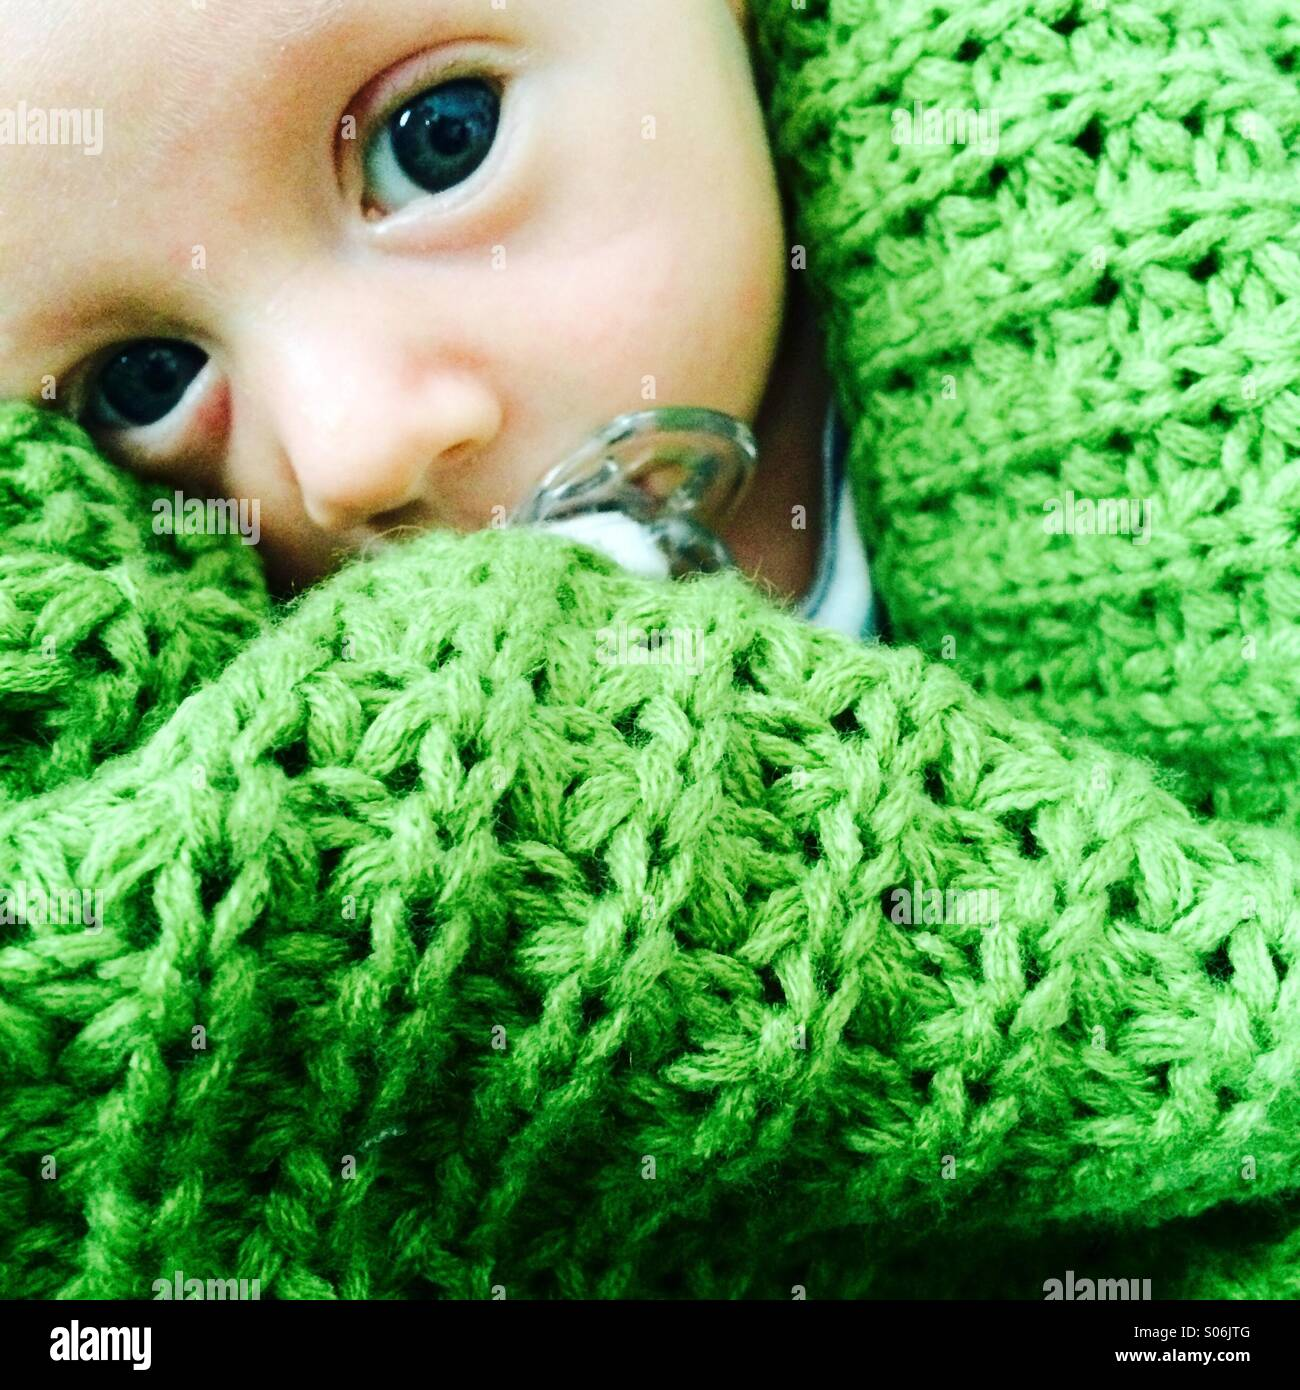 Un bambino rinfrancato da una falsa fa capolino da una coperta di verde Immagini Stock